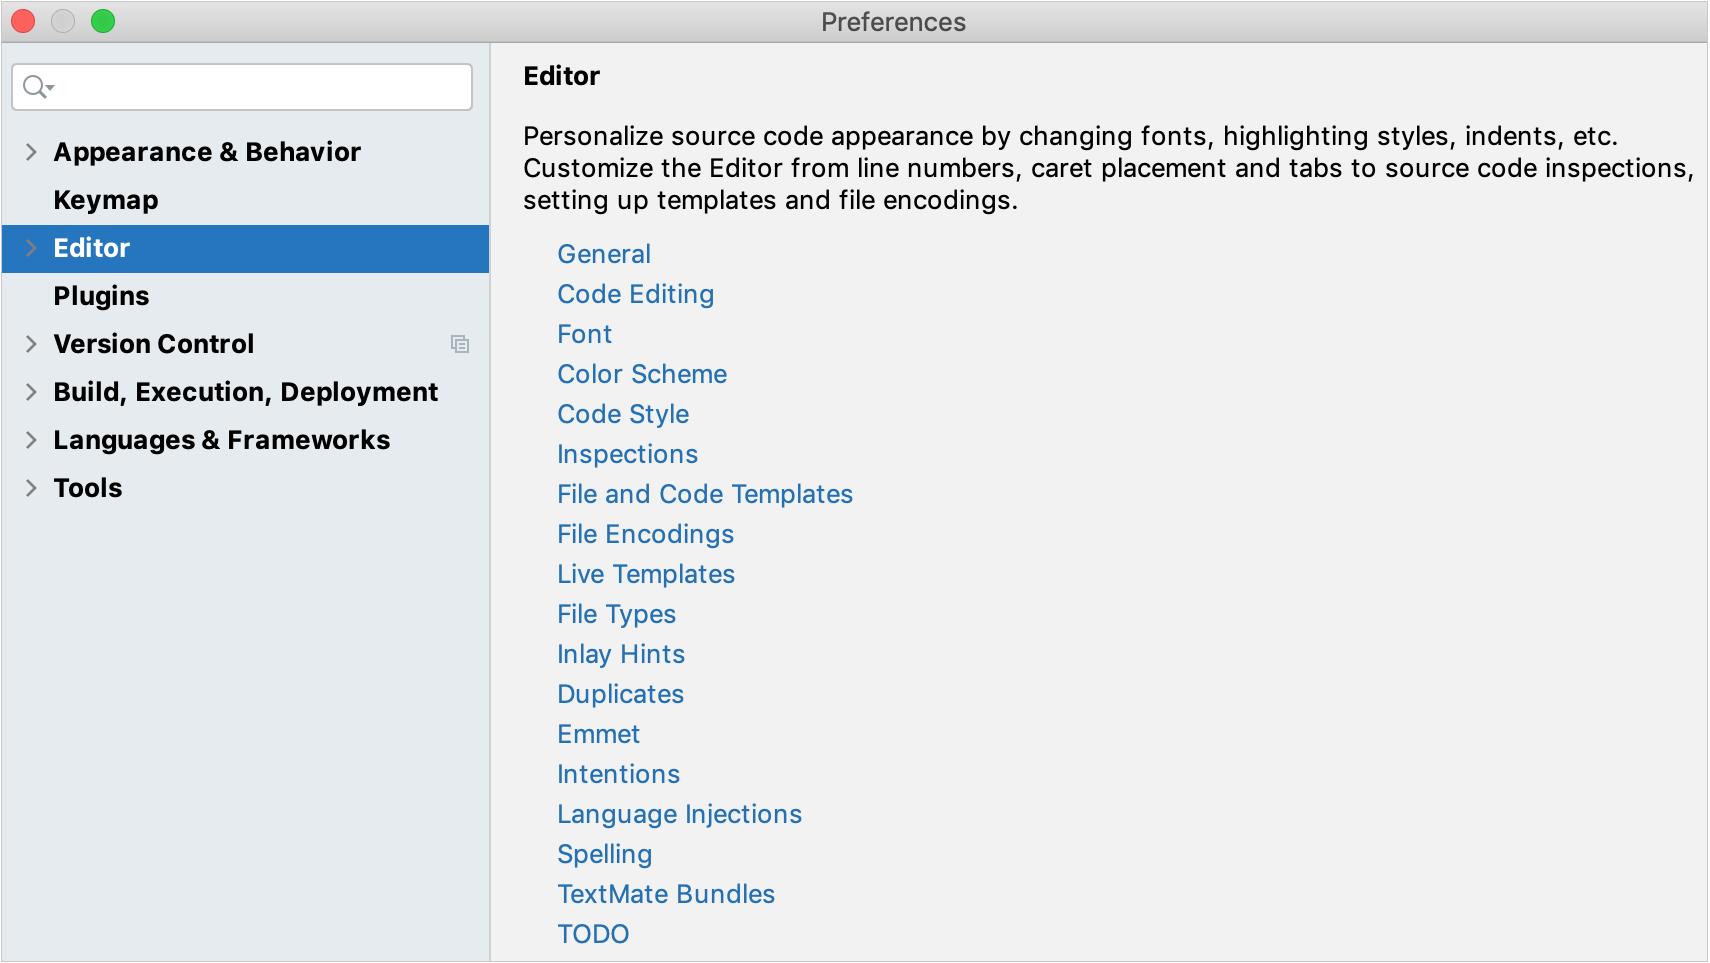 Settings: Editor